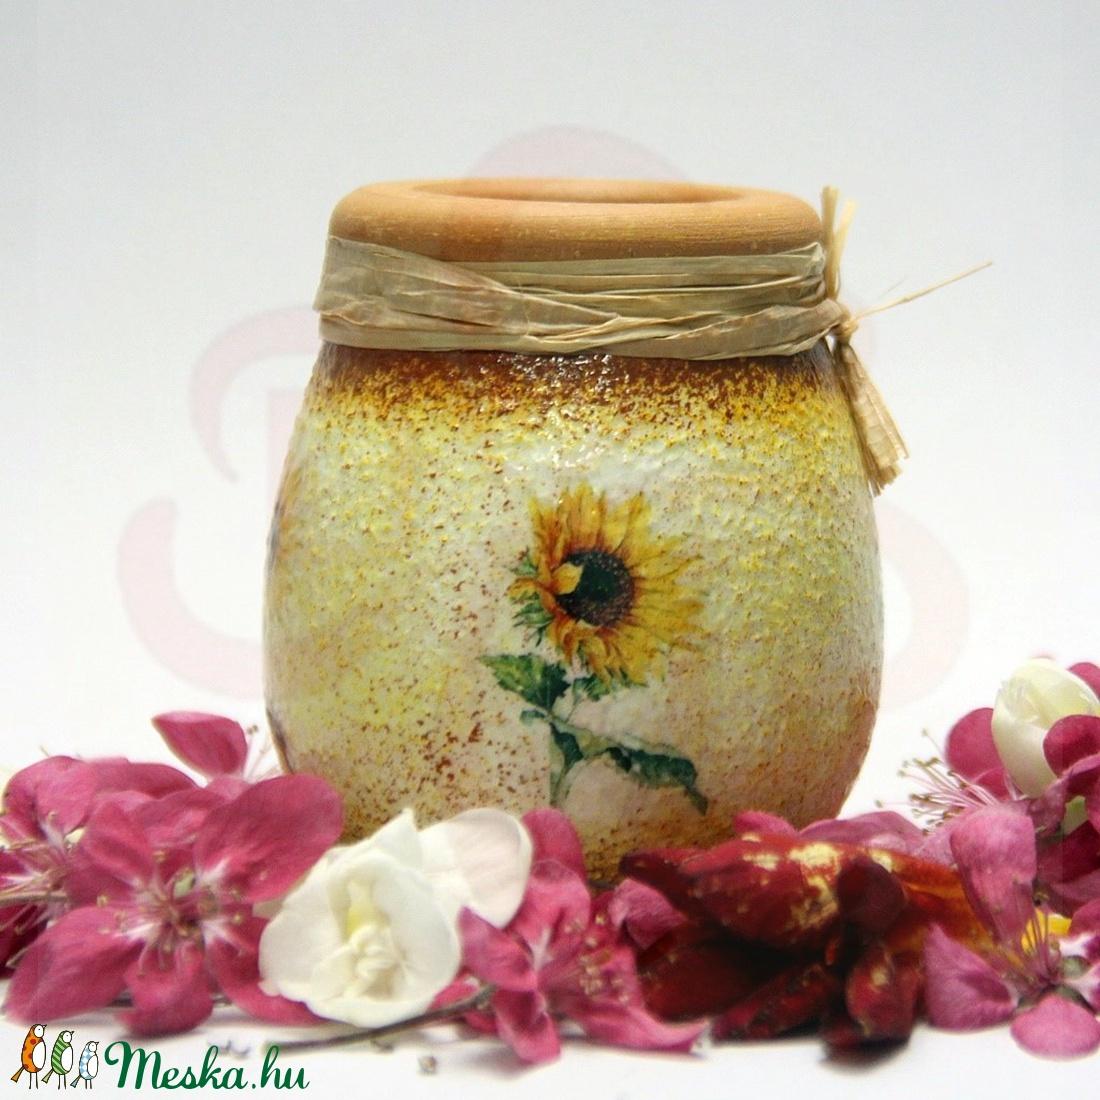 Anyák napi mini váza, ANYA, MAMA - képpel, névvel is - anyák napi ajándék édesanyáknak - Meska.hu